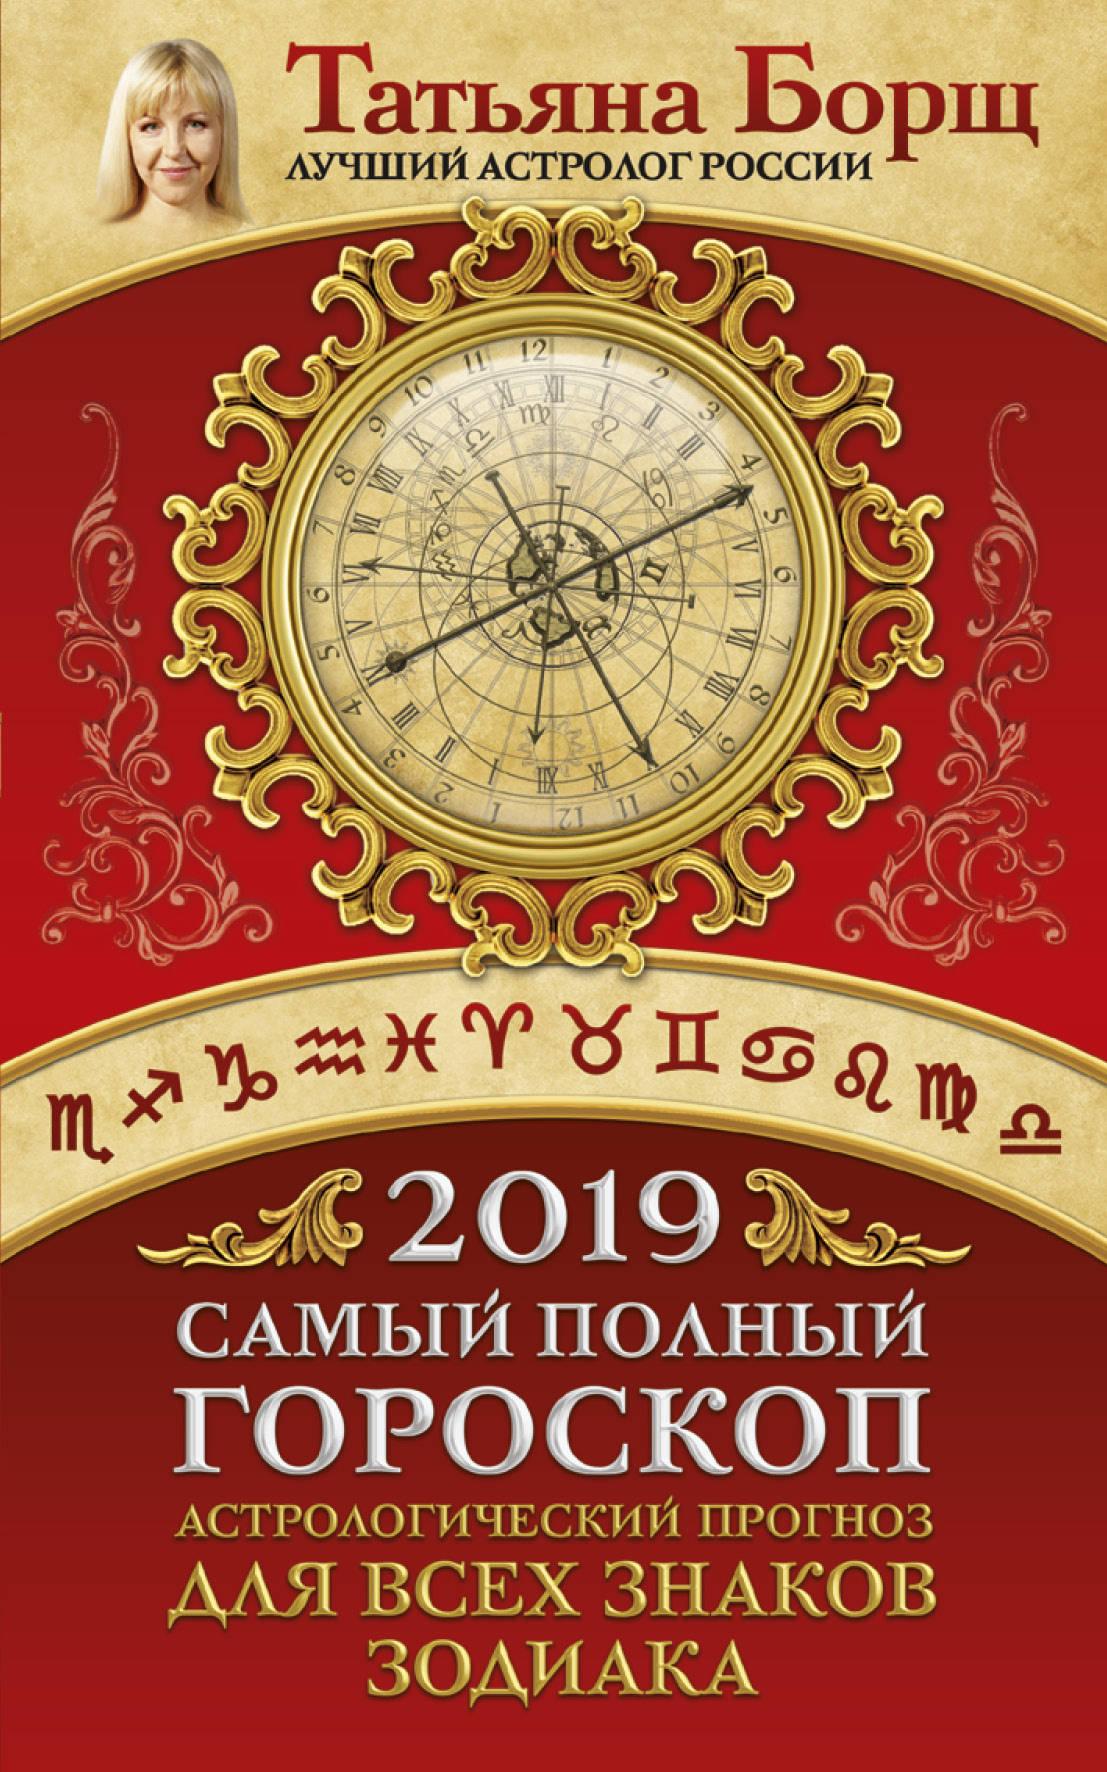 izmeritelplus.ru Самый полный гороскоп на 2019 год. Астрологический прогноз для всех знаков Зодиака. Борщ Татьяна